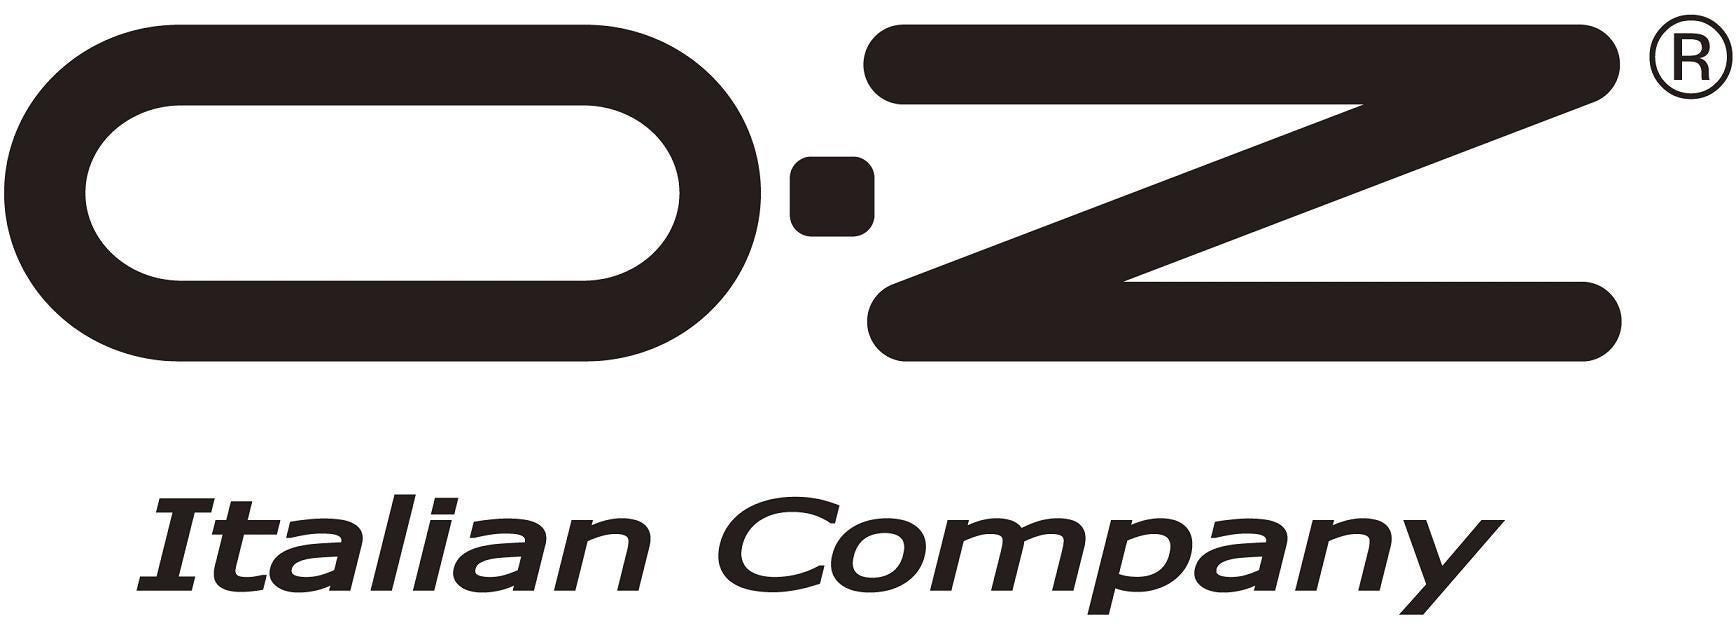 自動車用アルミホイール イタリアンブランド OZ Racing(オーゼットレーシング)の時々ブログ